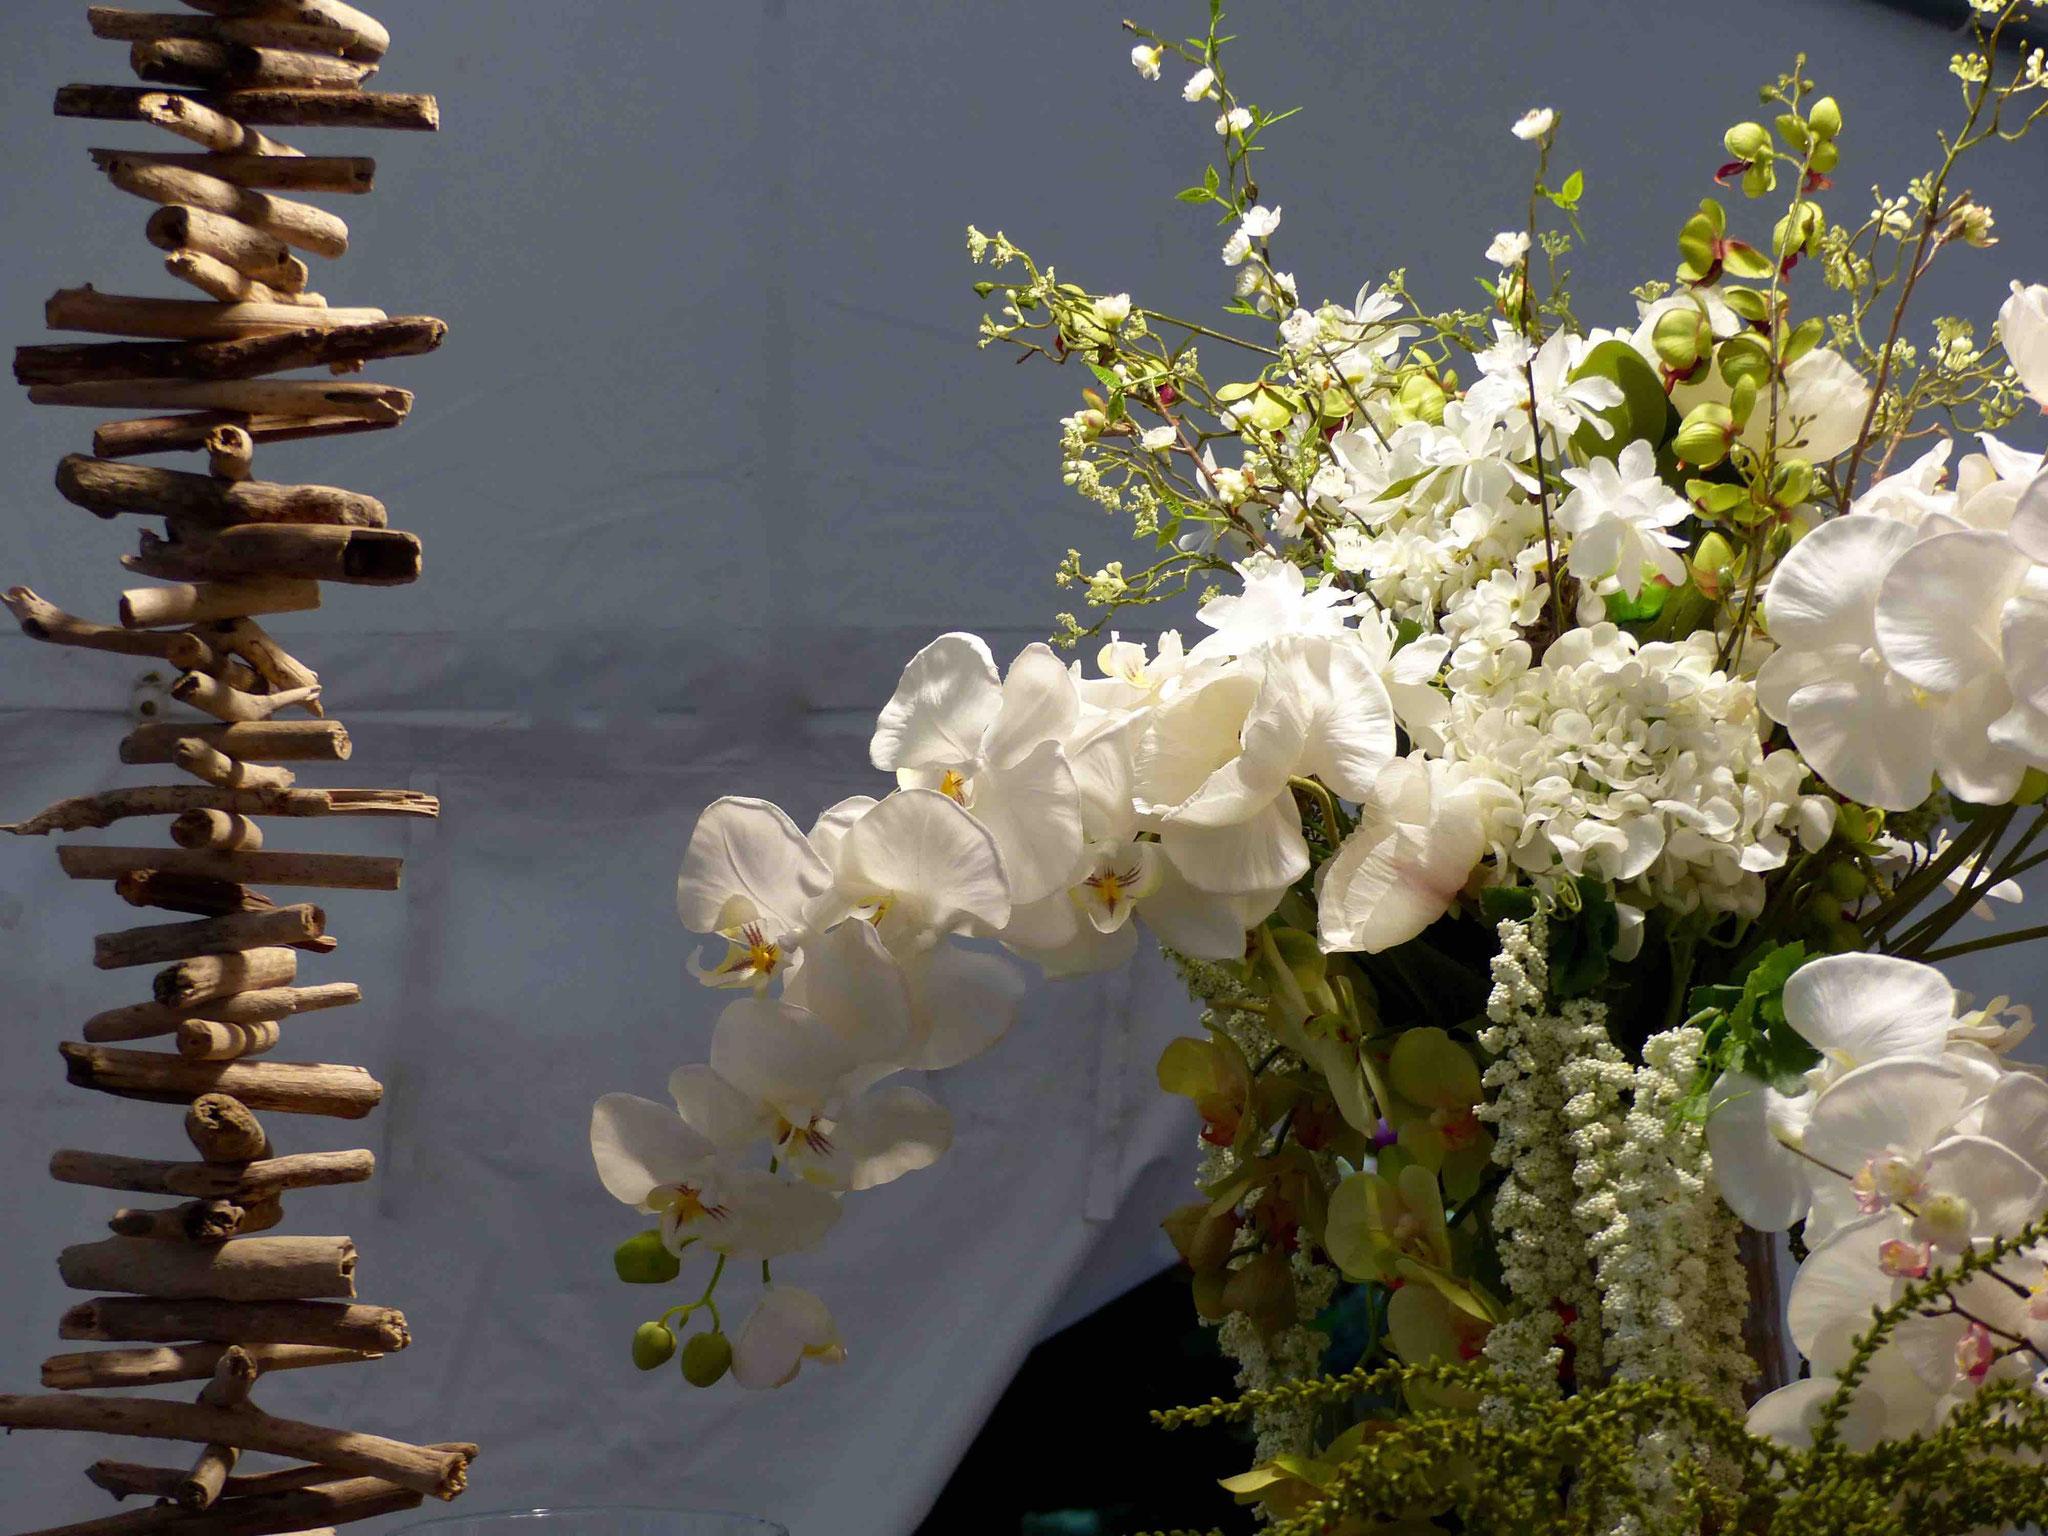 Végétaux et fleurs artificielles haut de gamme